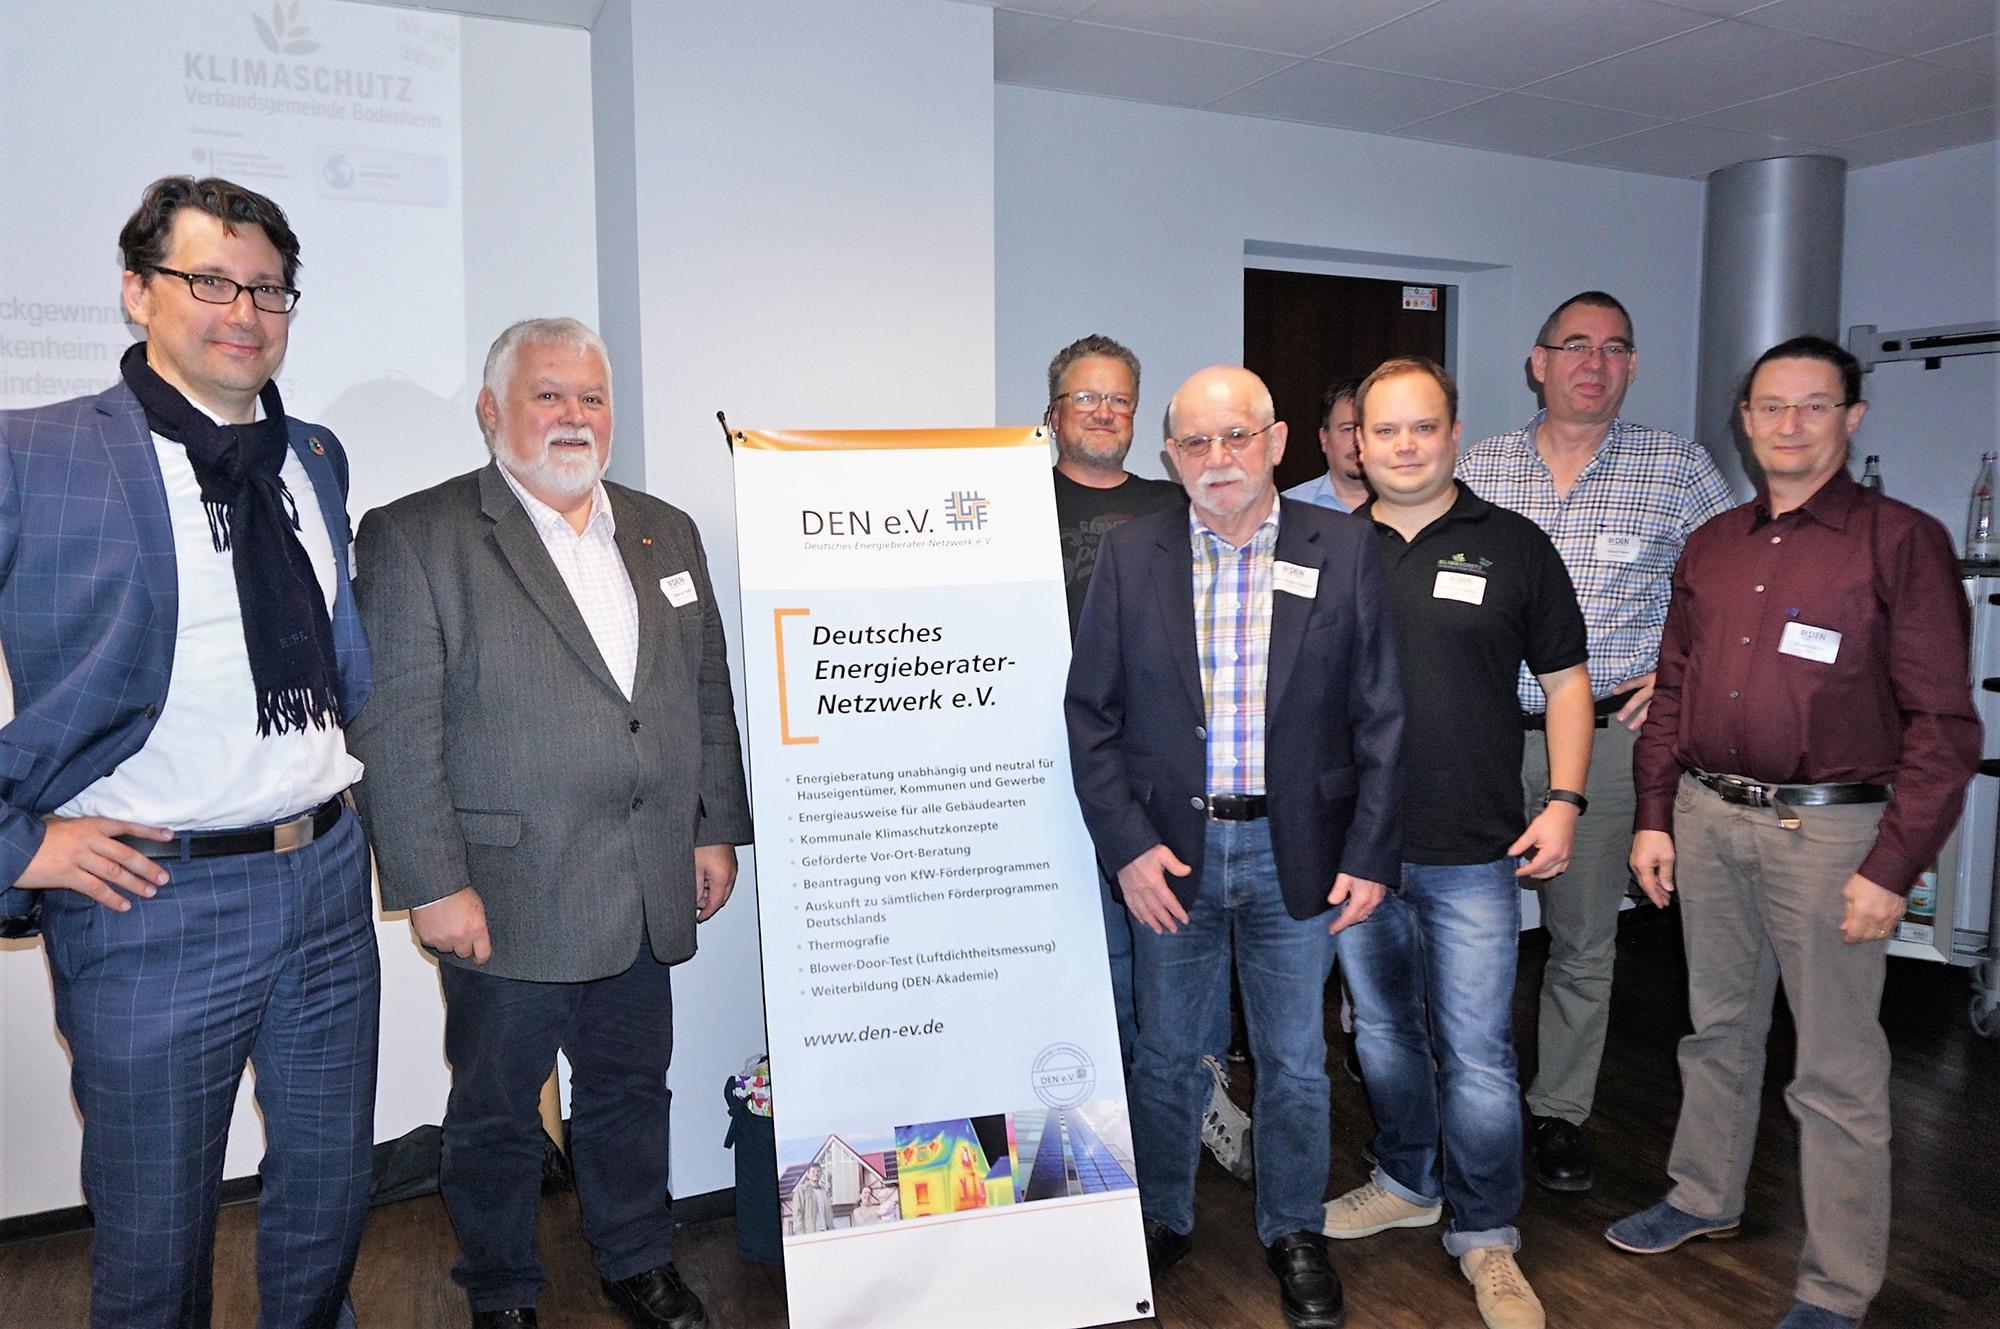 Mitgliederversammlung DEN e.V: Rheinland-Pfalz